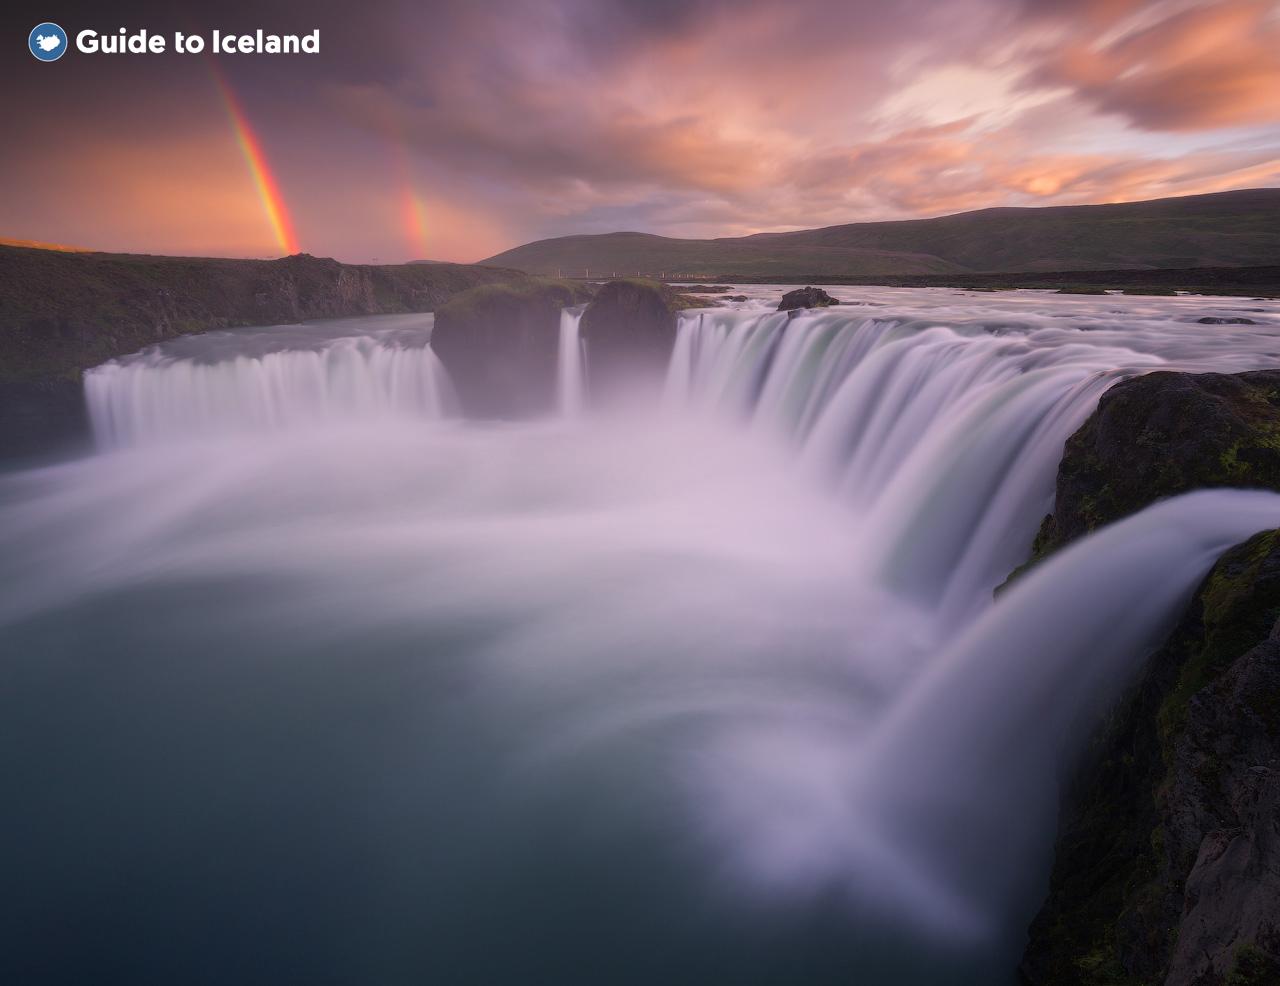 アイスランド北西部。クヴィートゥセルクルの岩は太陽の光を浴びたトロールが石化した岩だと信じられています。